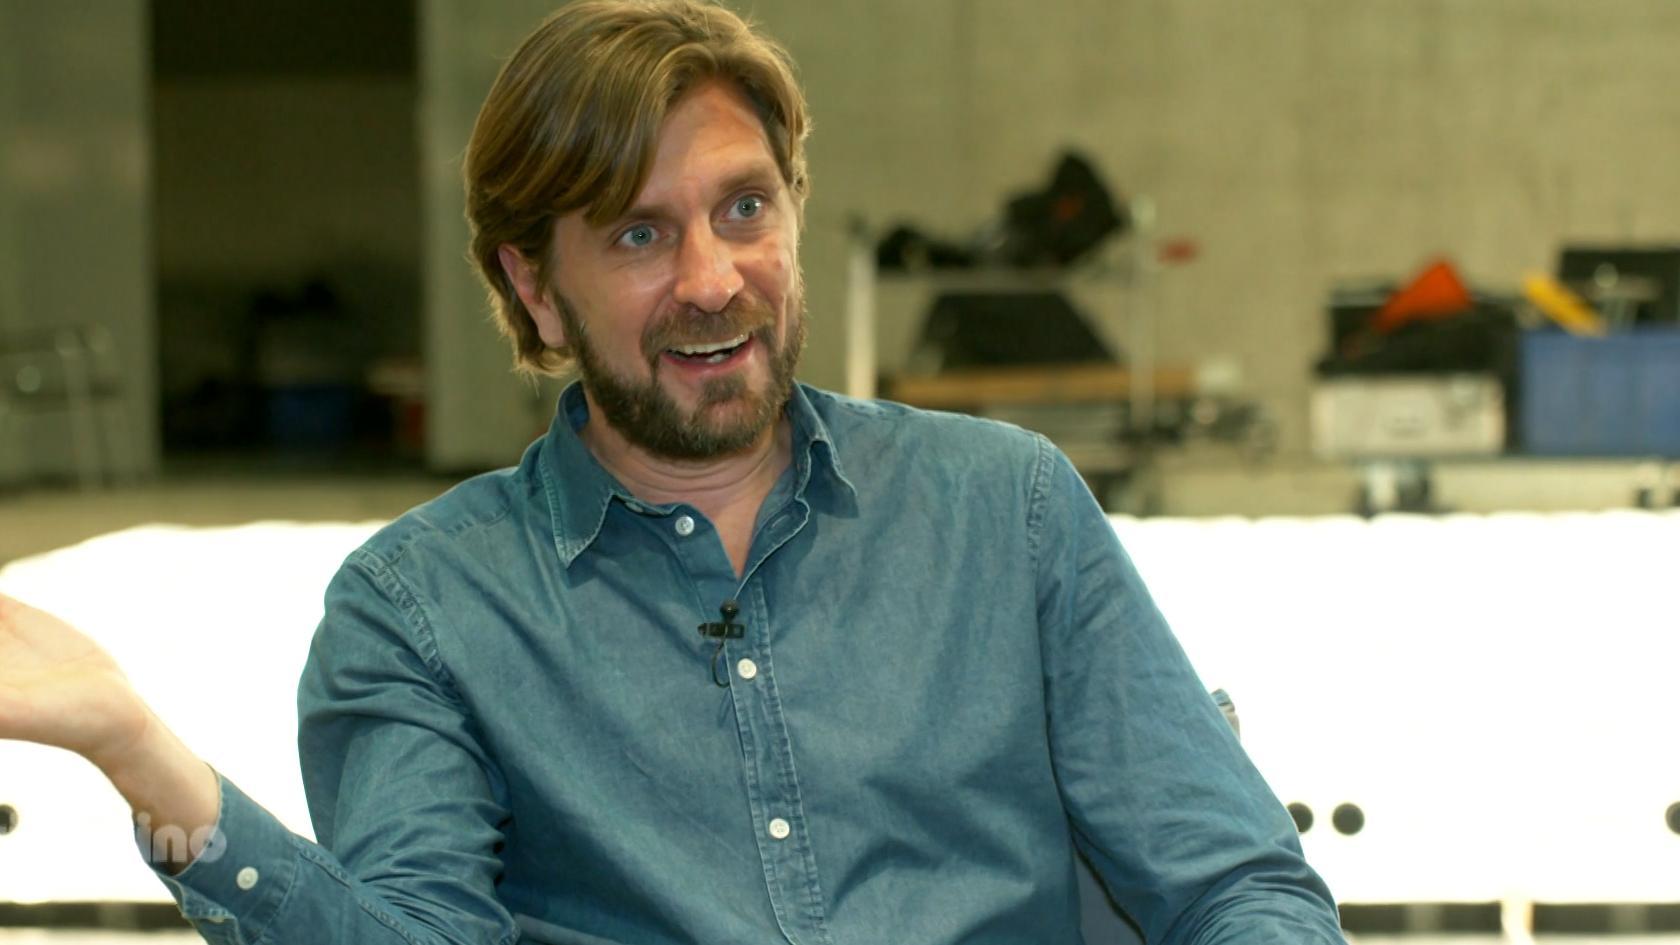 Regisseur Ruben Östlund im Interview mit kinokino